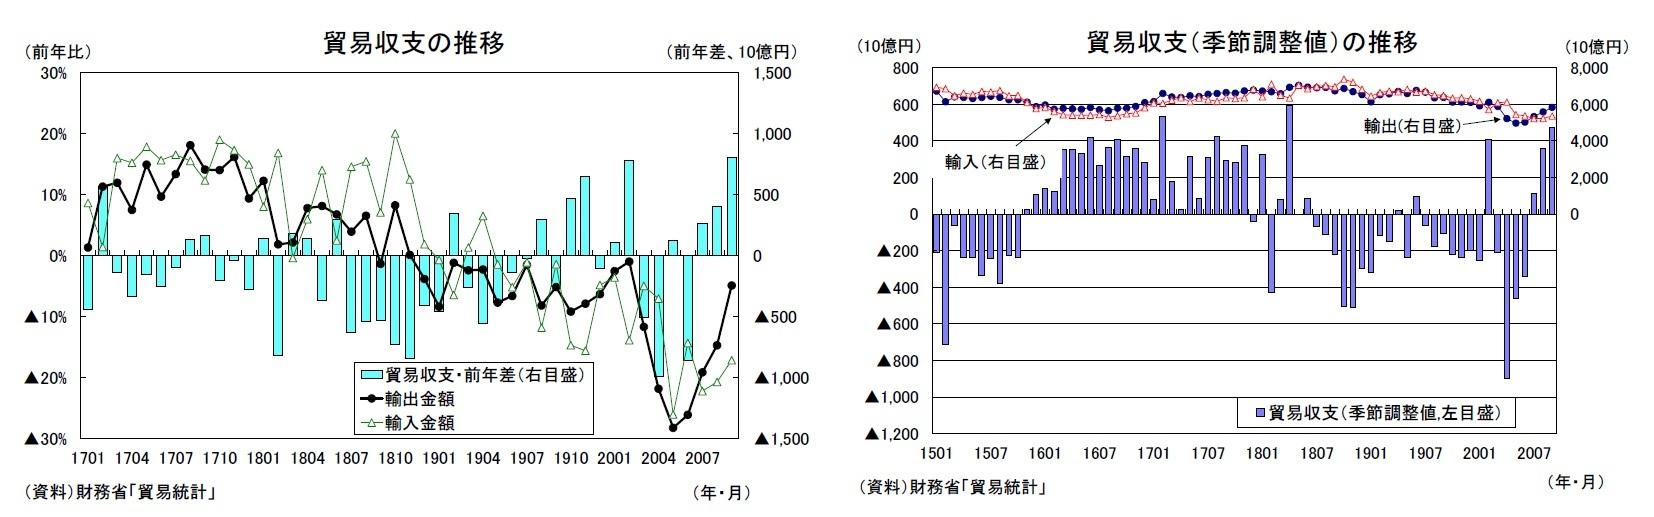 貿易収支の推移/貿易収支(季節調整値)の推移